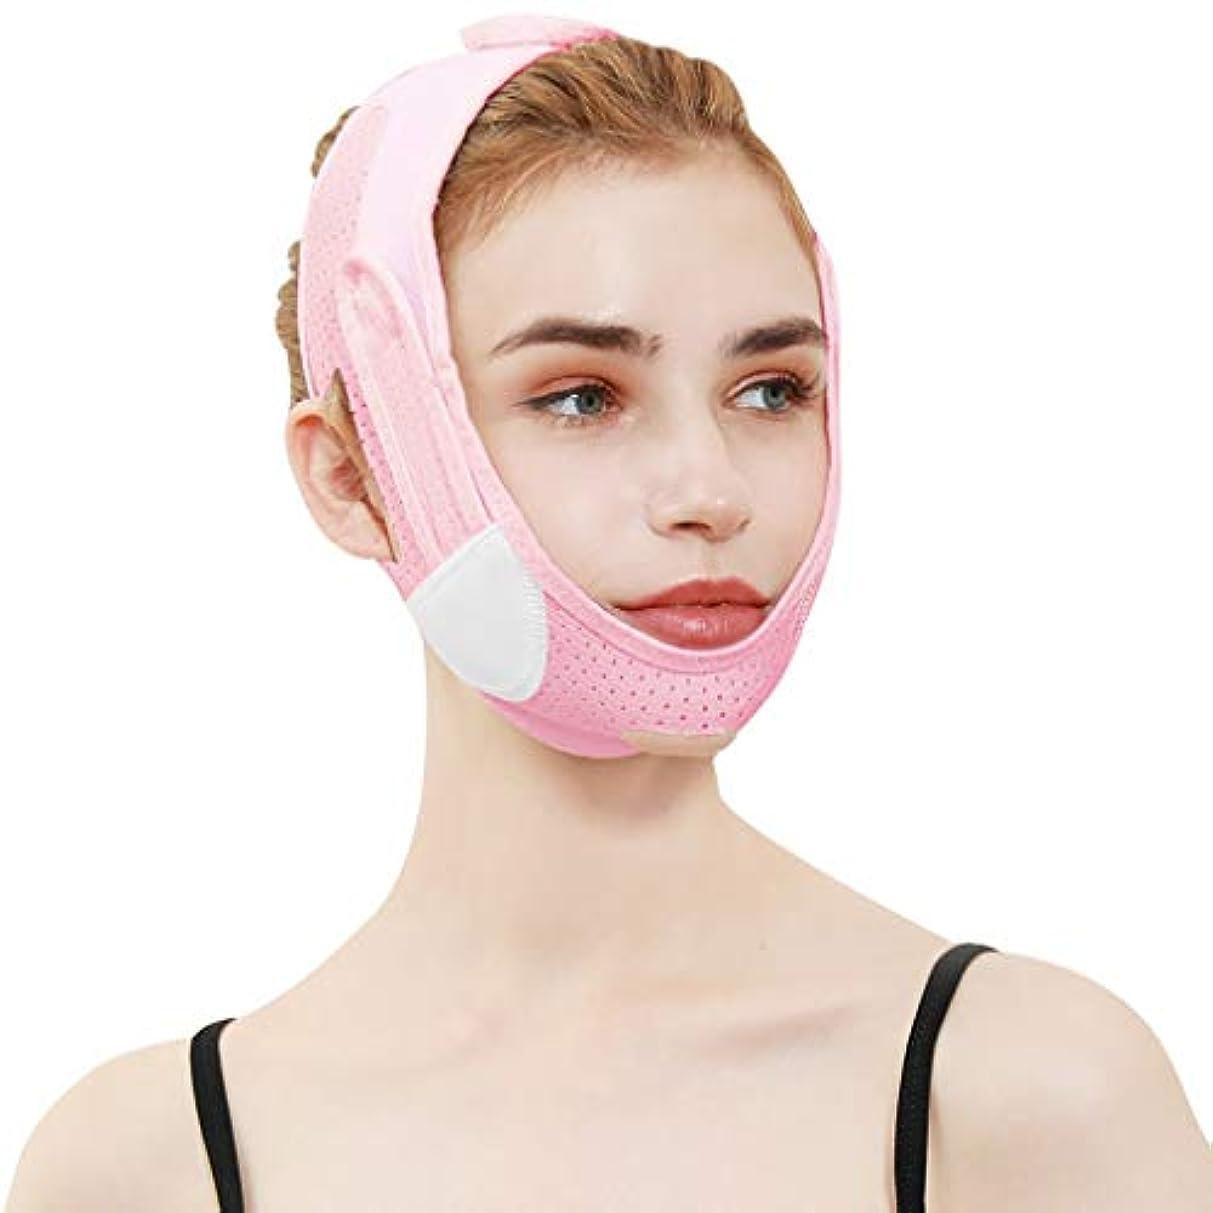 依存くちばし隣接Jia He 軽量 薄い顔ベルト、薄い顔薄い二重あごVフェイスアーティファクト通気性睡眠包帯はアンチリンクル超薄型ビームフェイスベルトを持ち上げます ## (Color : Pink)